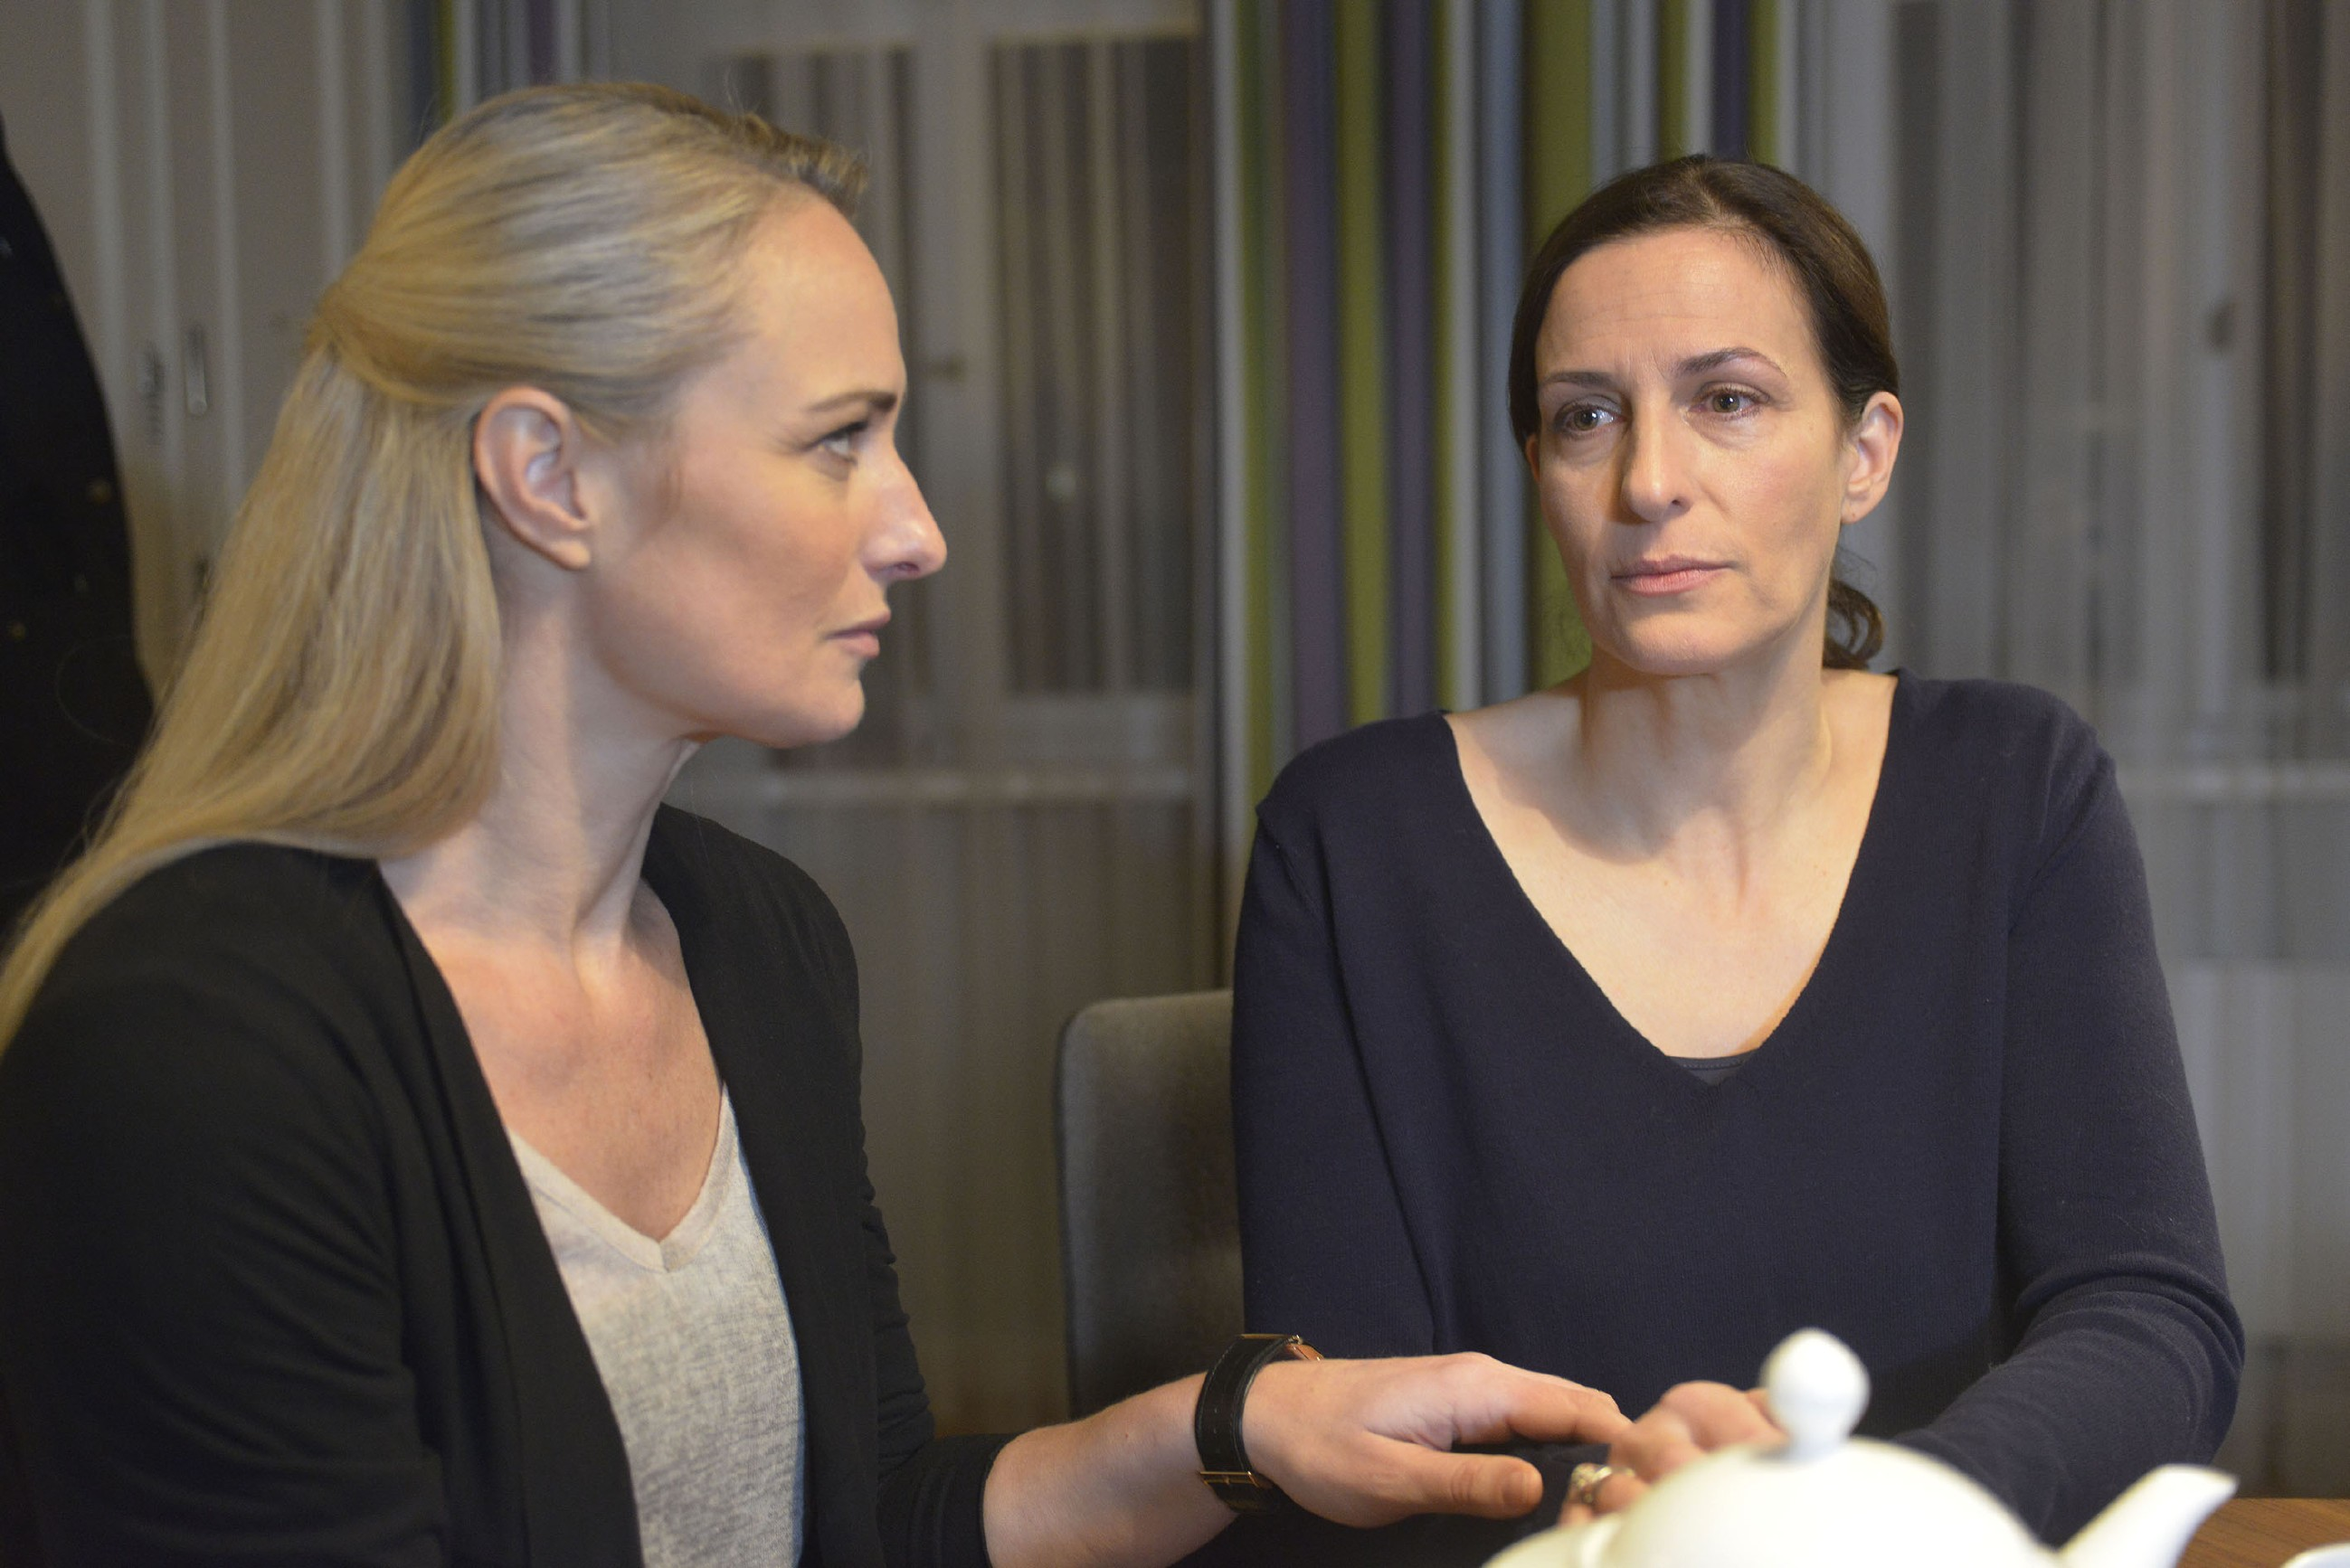 Als Katrin (Ulrike Frank, r.) bei ihrem Versuch, Tills Zimmer zu räumen, von der Trauer übermannt wird, ist Maren (Eva Mona Rodekirchen) sofort da, um sie aufzufangen. (Quelle: RTL / Rolf Baumgartner)